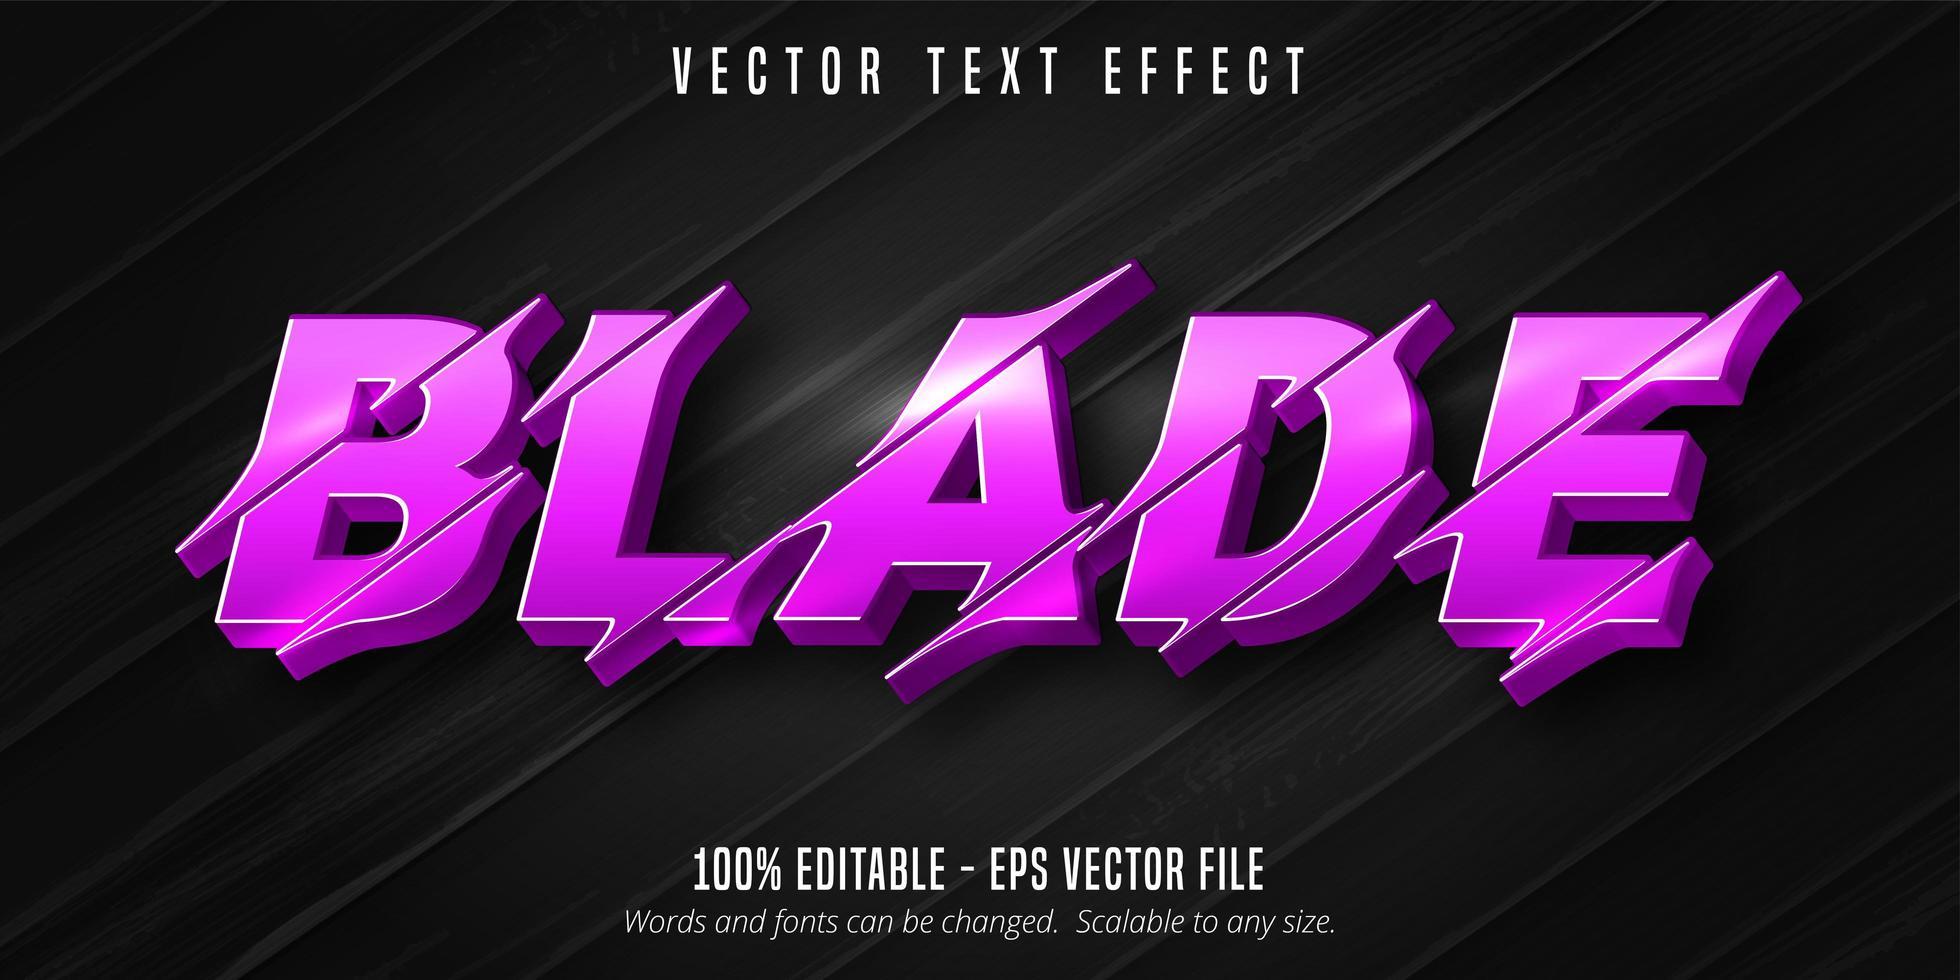 blad paars gesneden stijl teksteffect vector